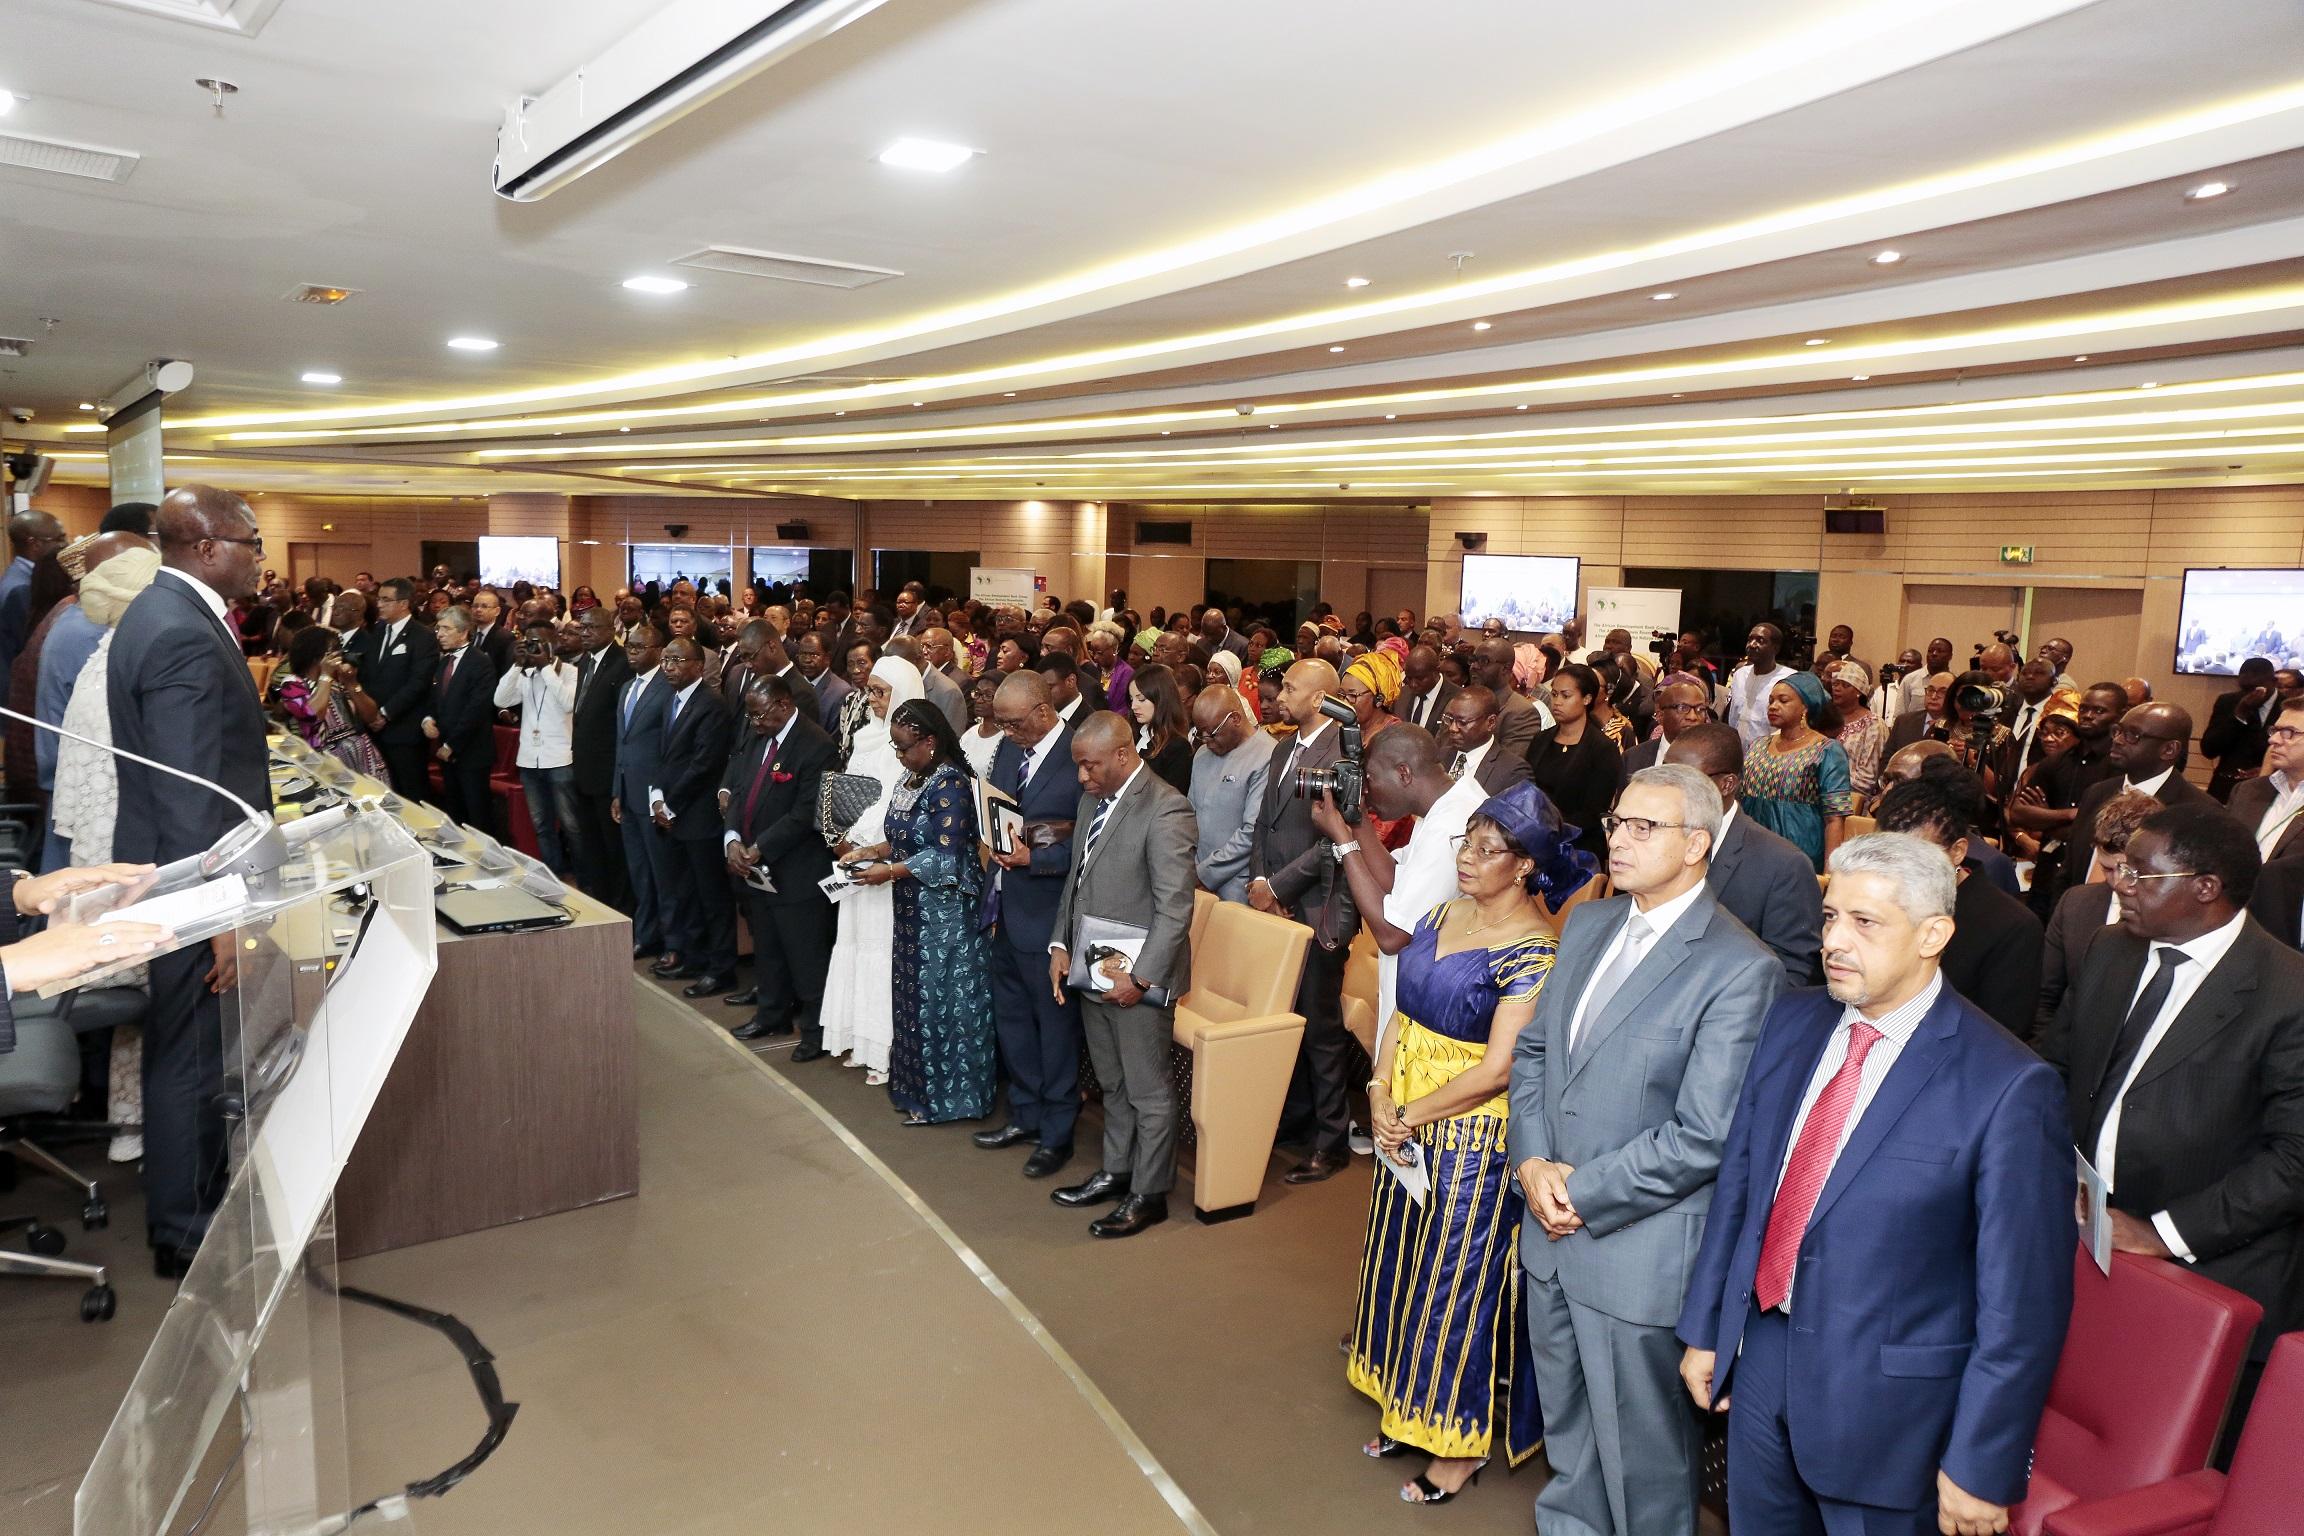 Intense émotion à la cérémonie de la BAD en hommage à feu Babacar Ndiaye, son ancien président